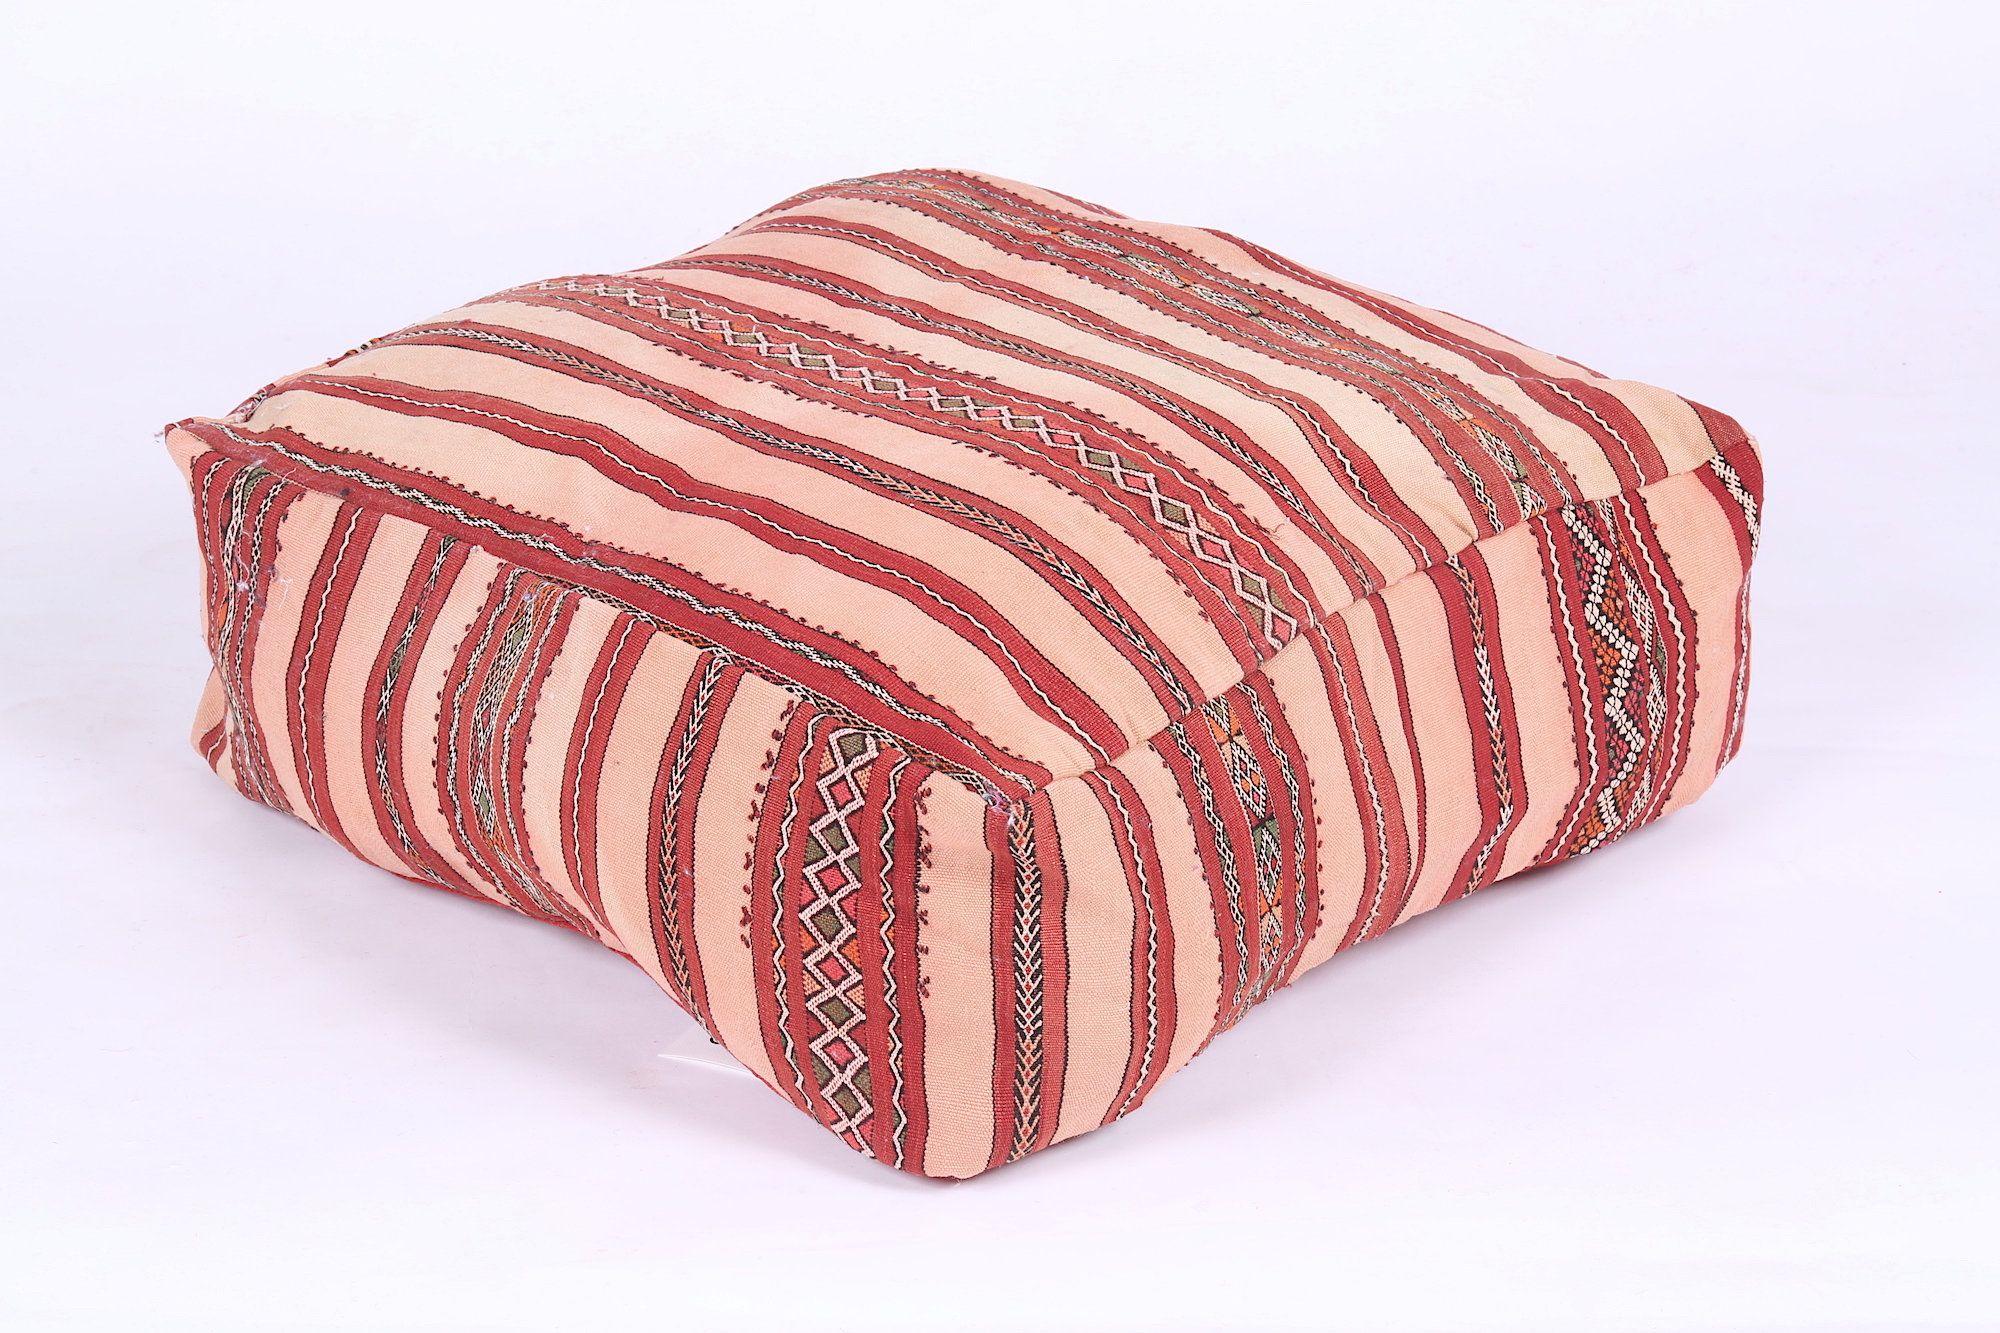 Woven-Moroccan Berber Pouf